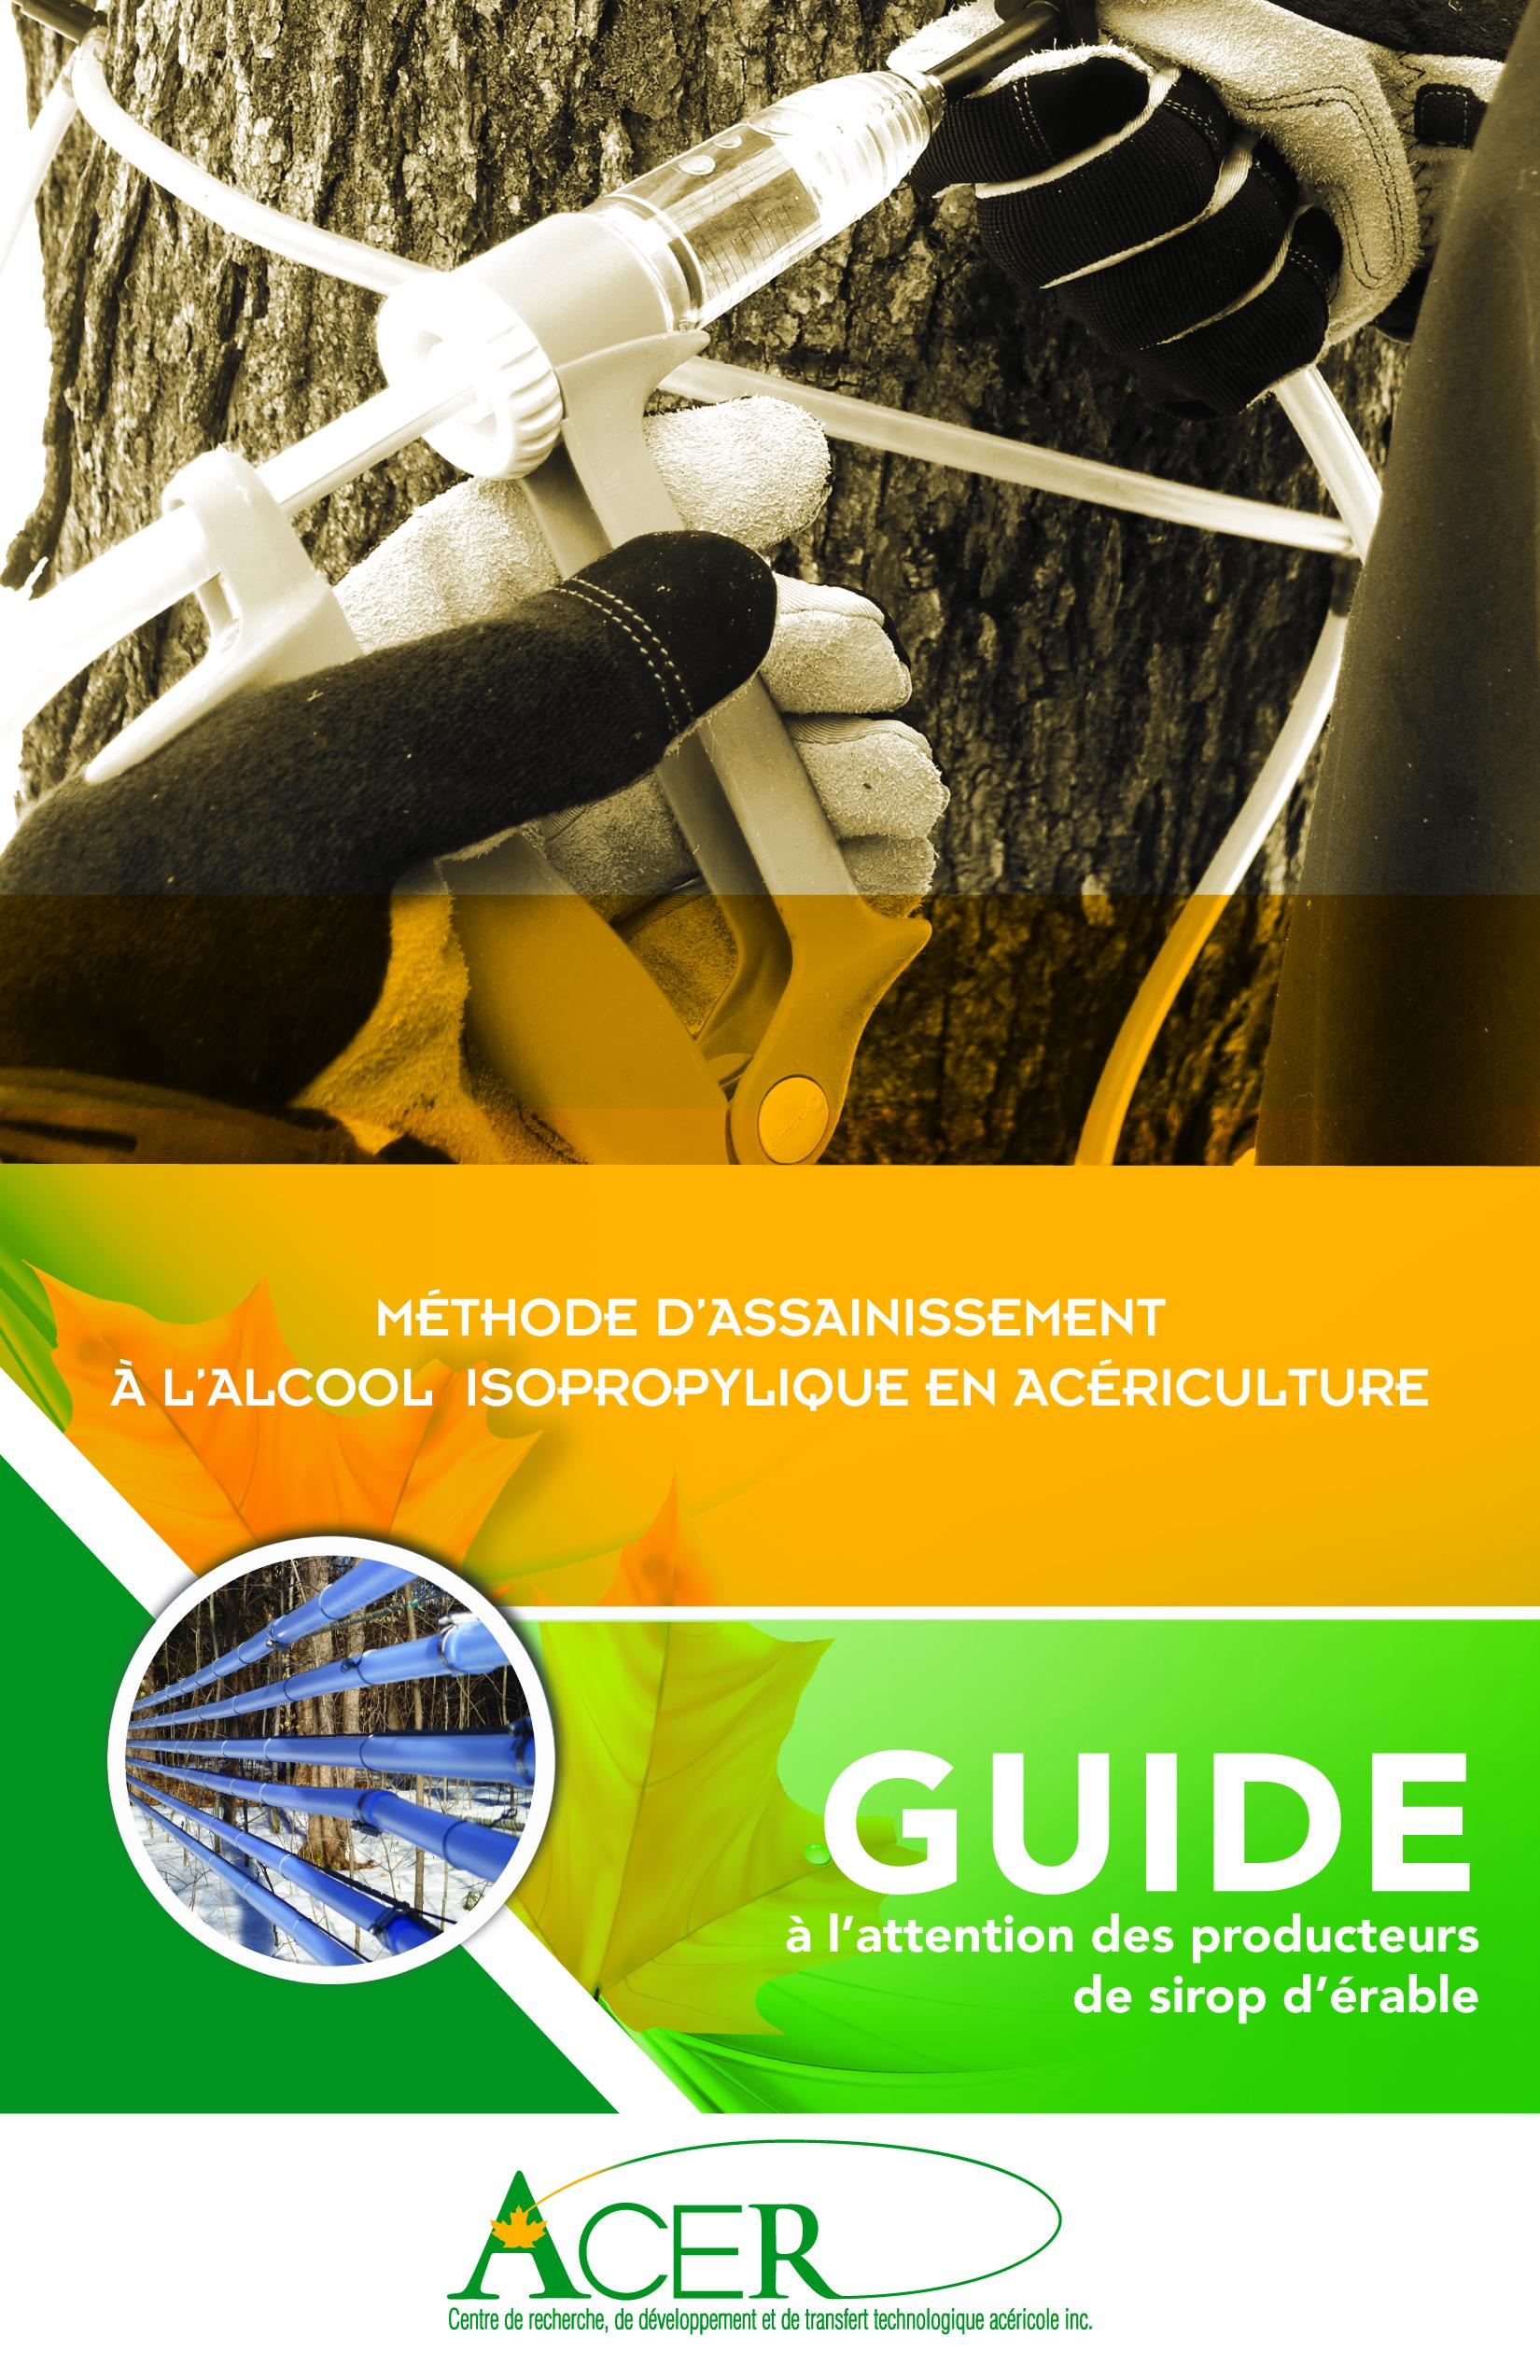 Guide d'assainissement à l'alcool isopropylique en acériculture